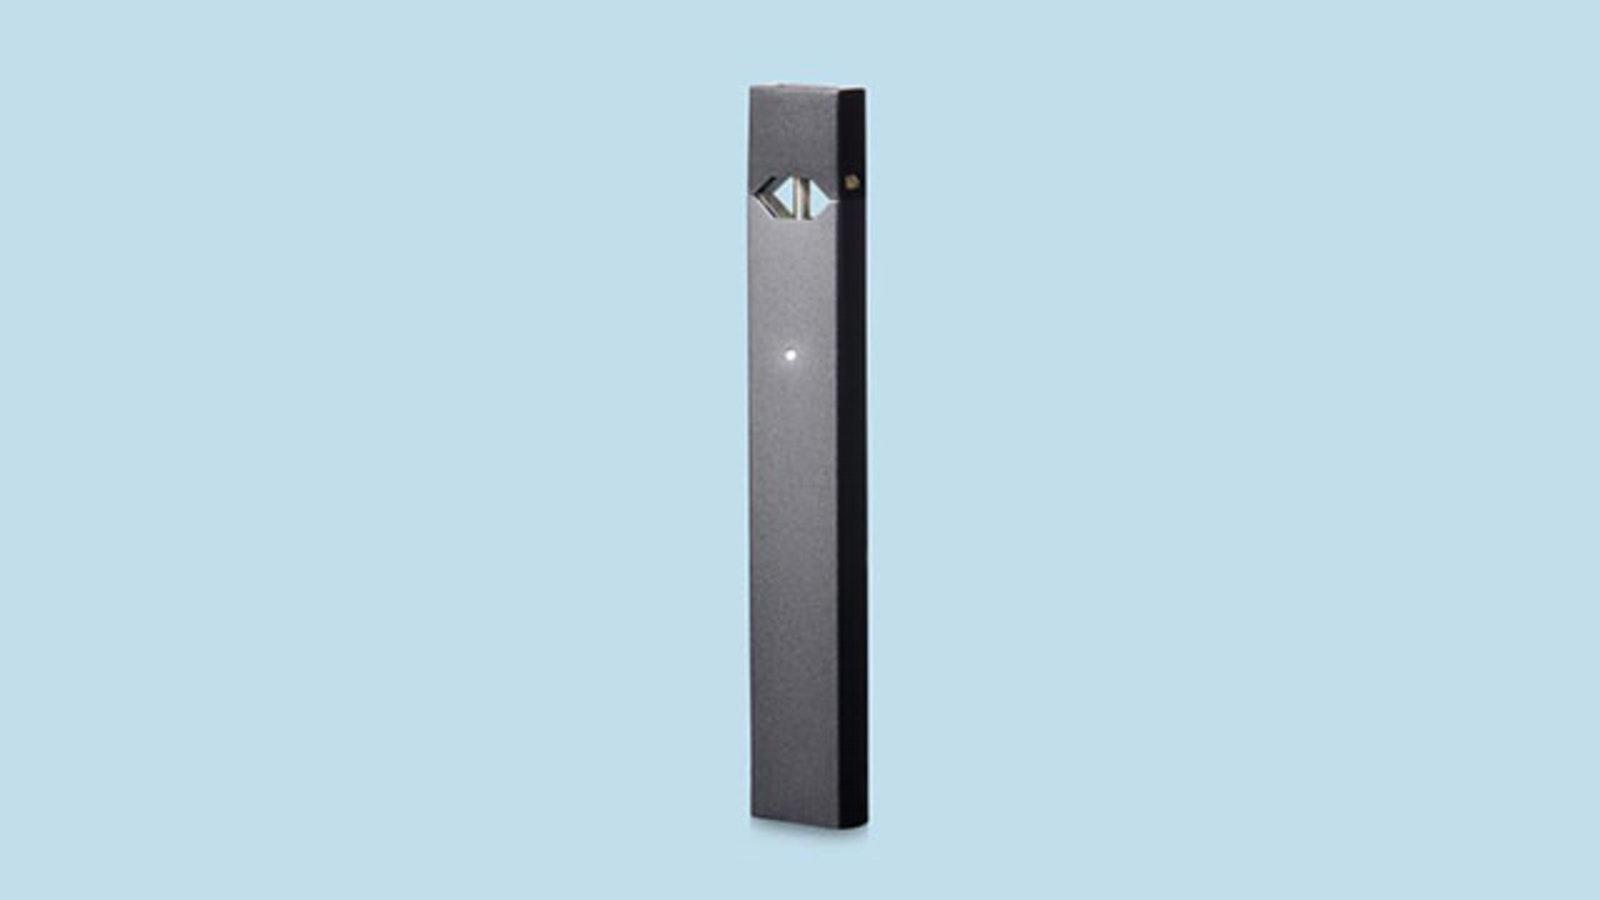 A Juul e-cigarette device. Photo: AP